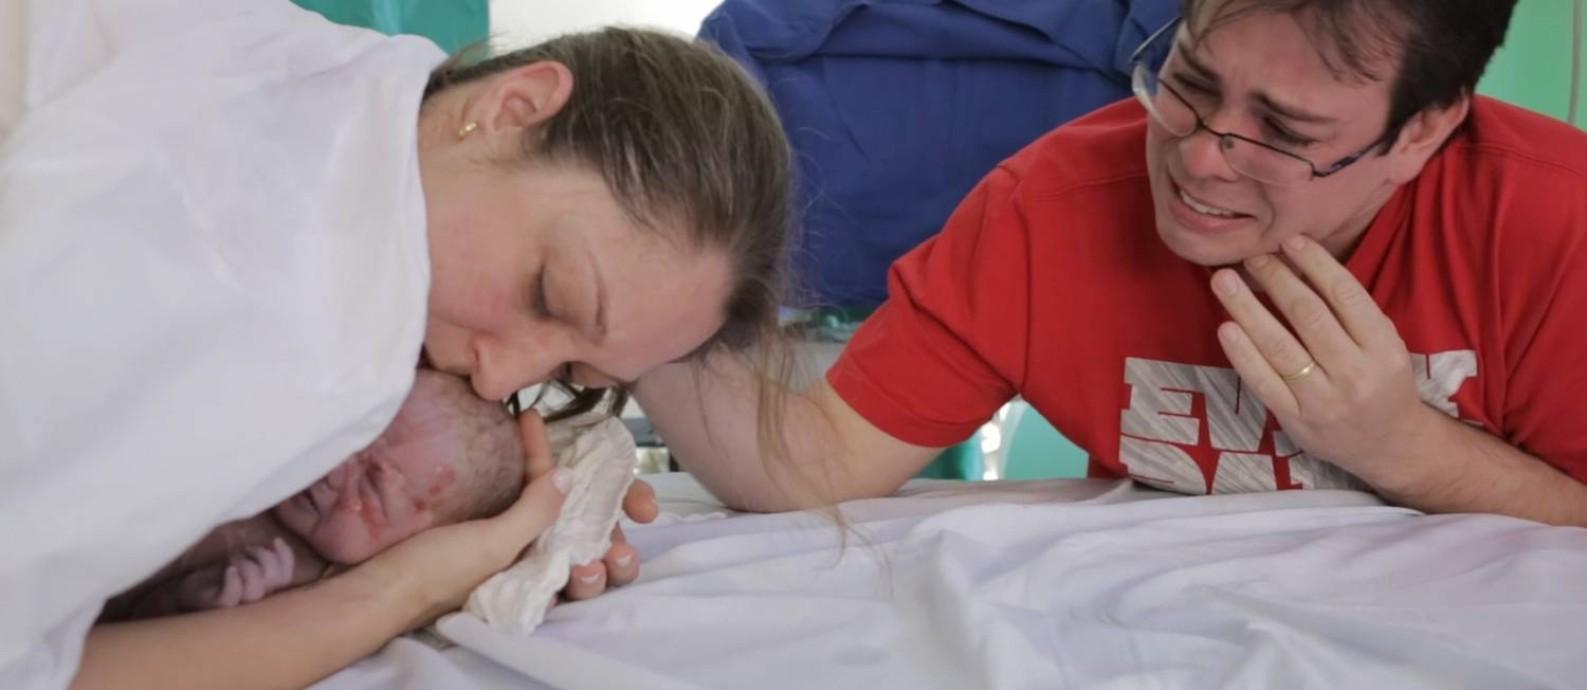 Cena do filme 'O renascimento do parto 2', de Eduardo Chauvet Foto: Divulgação